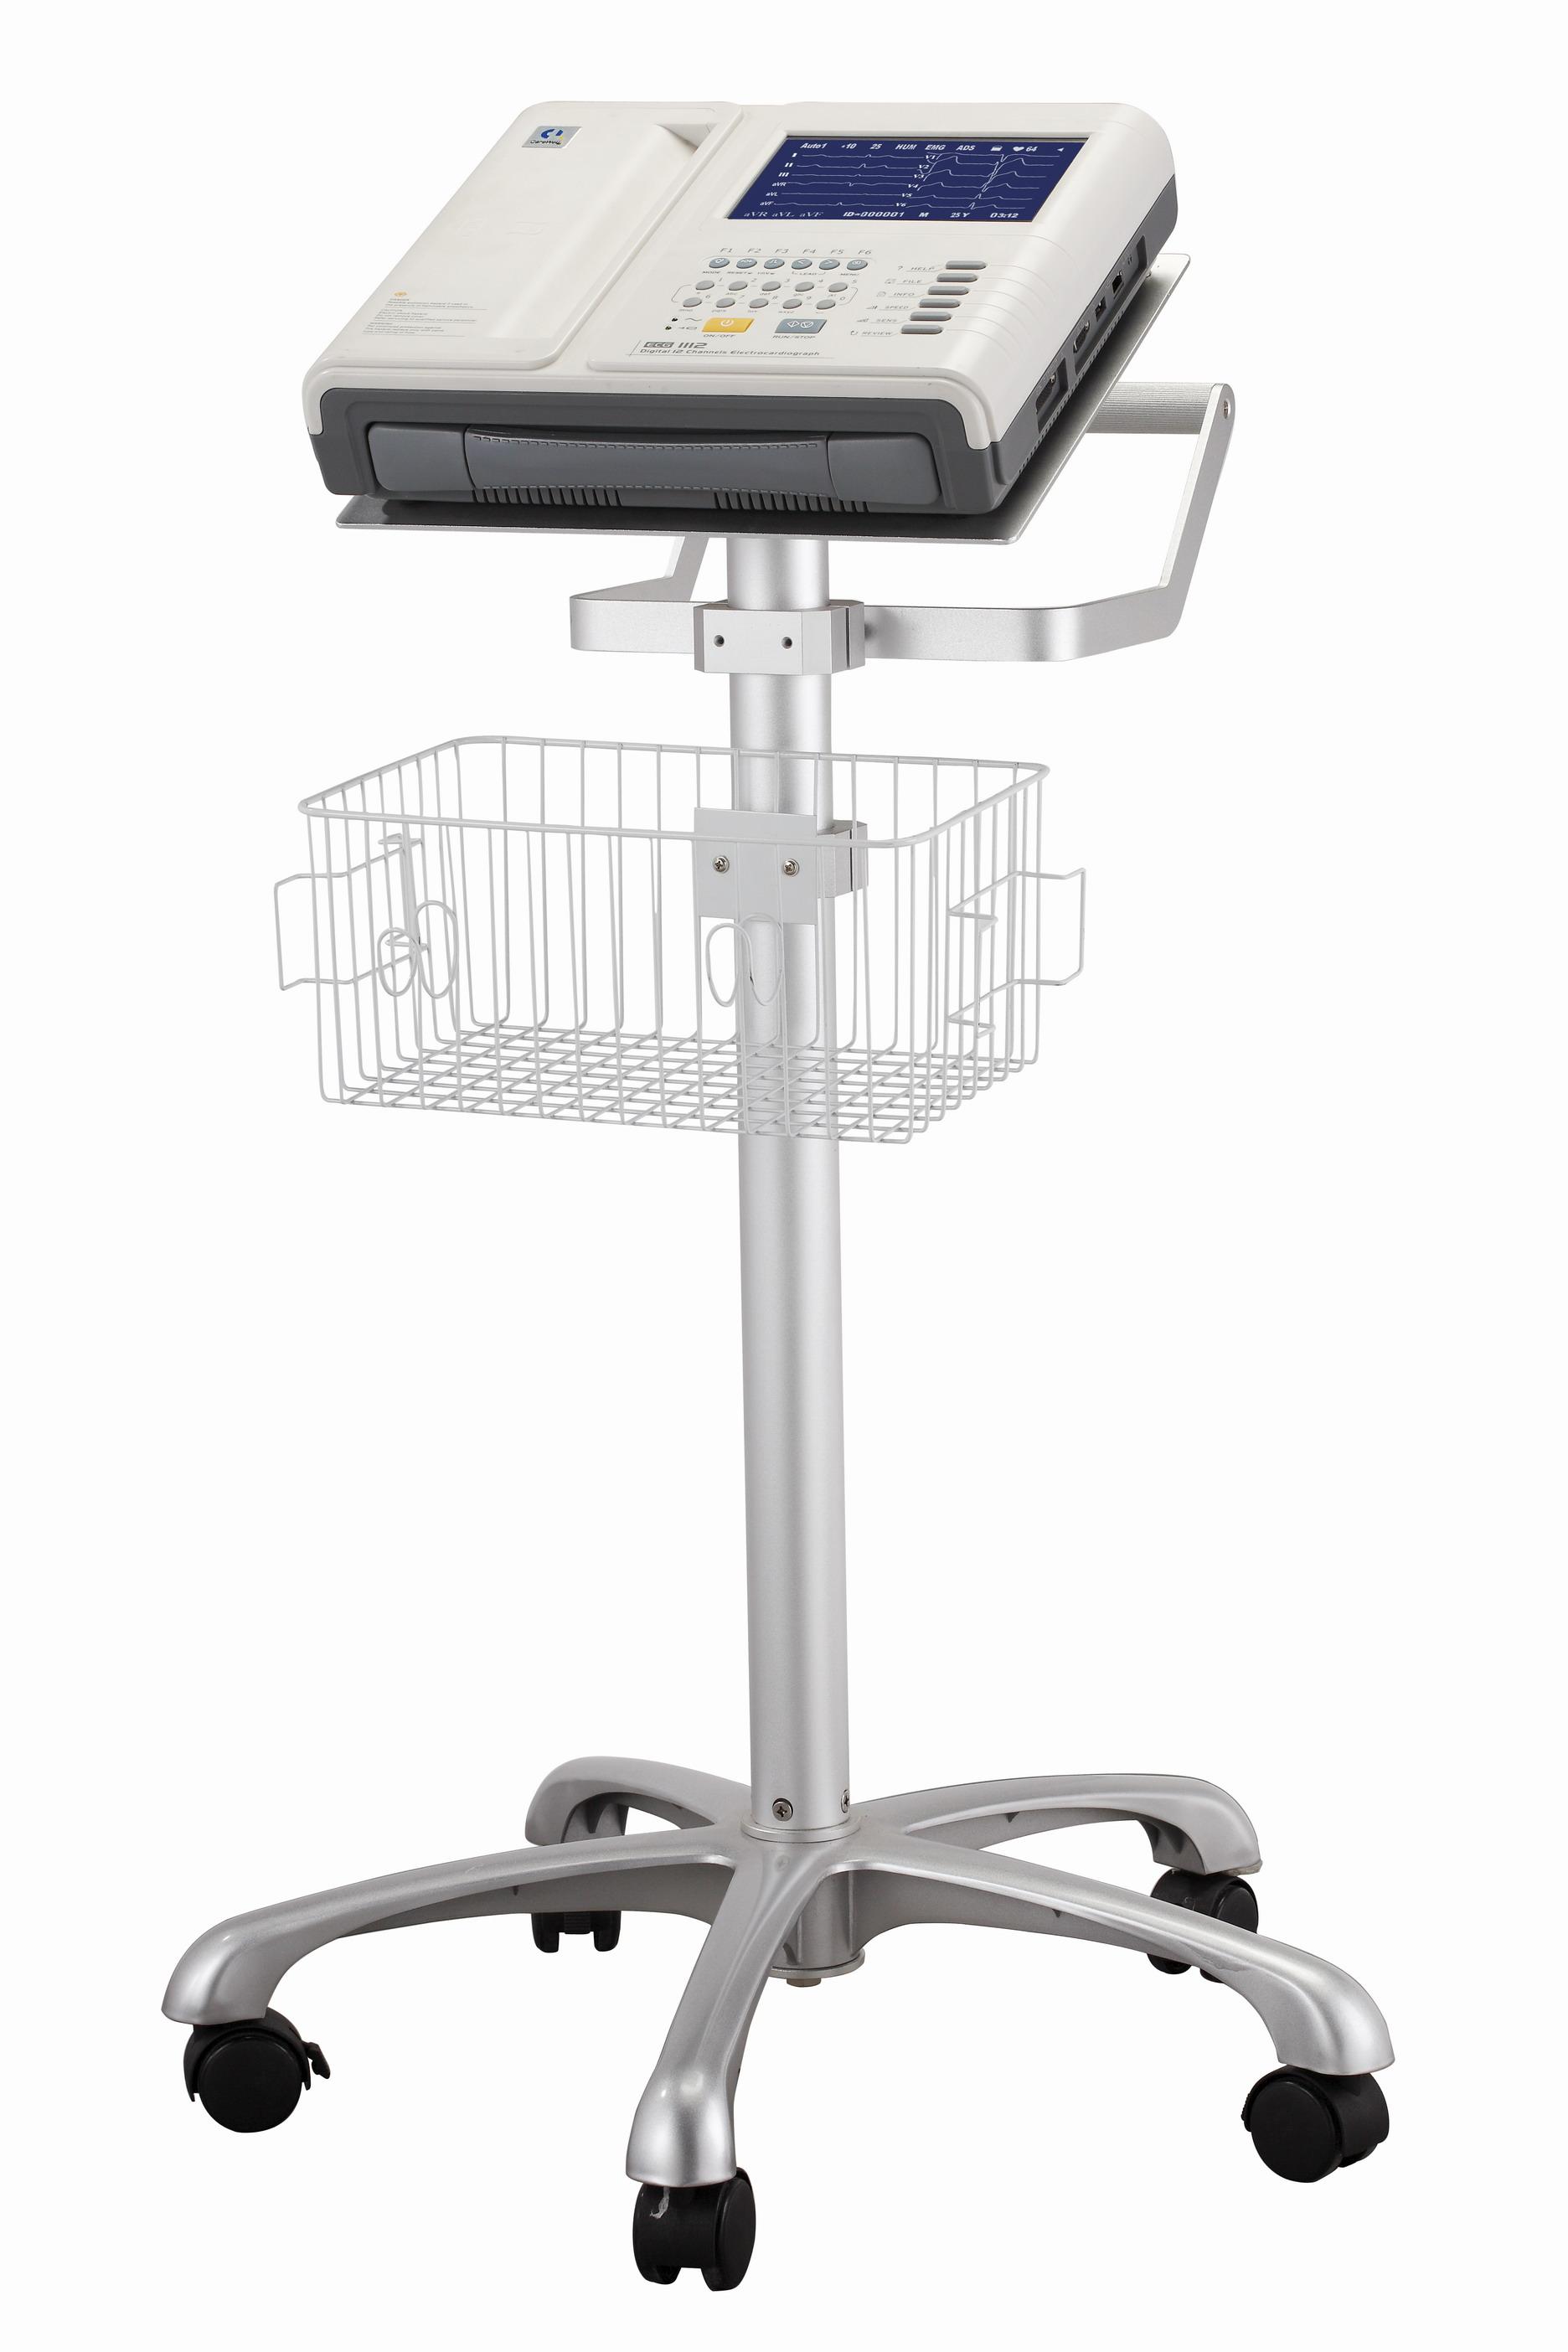 wózek do weterynaryjnego aparatu EKG